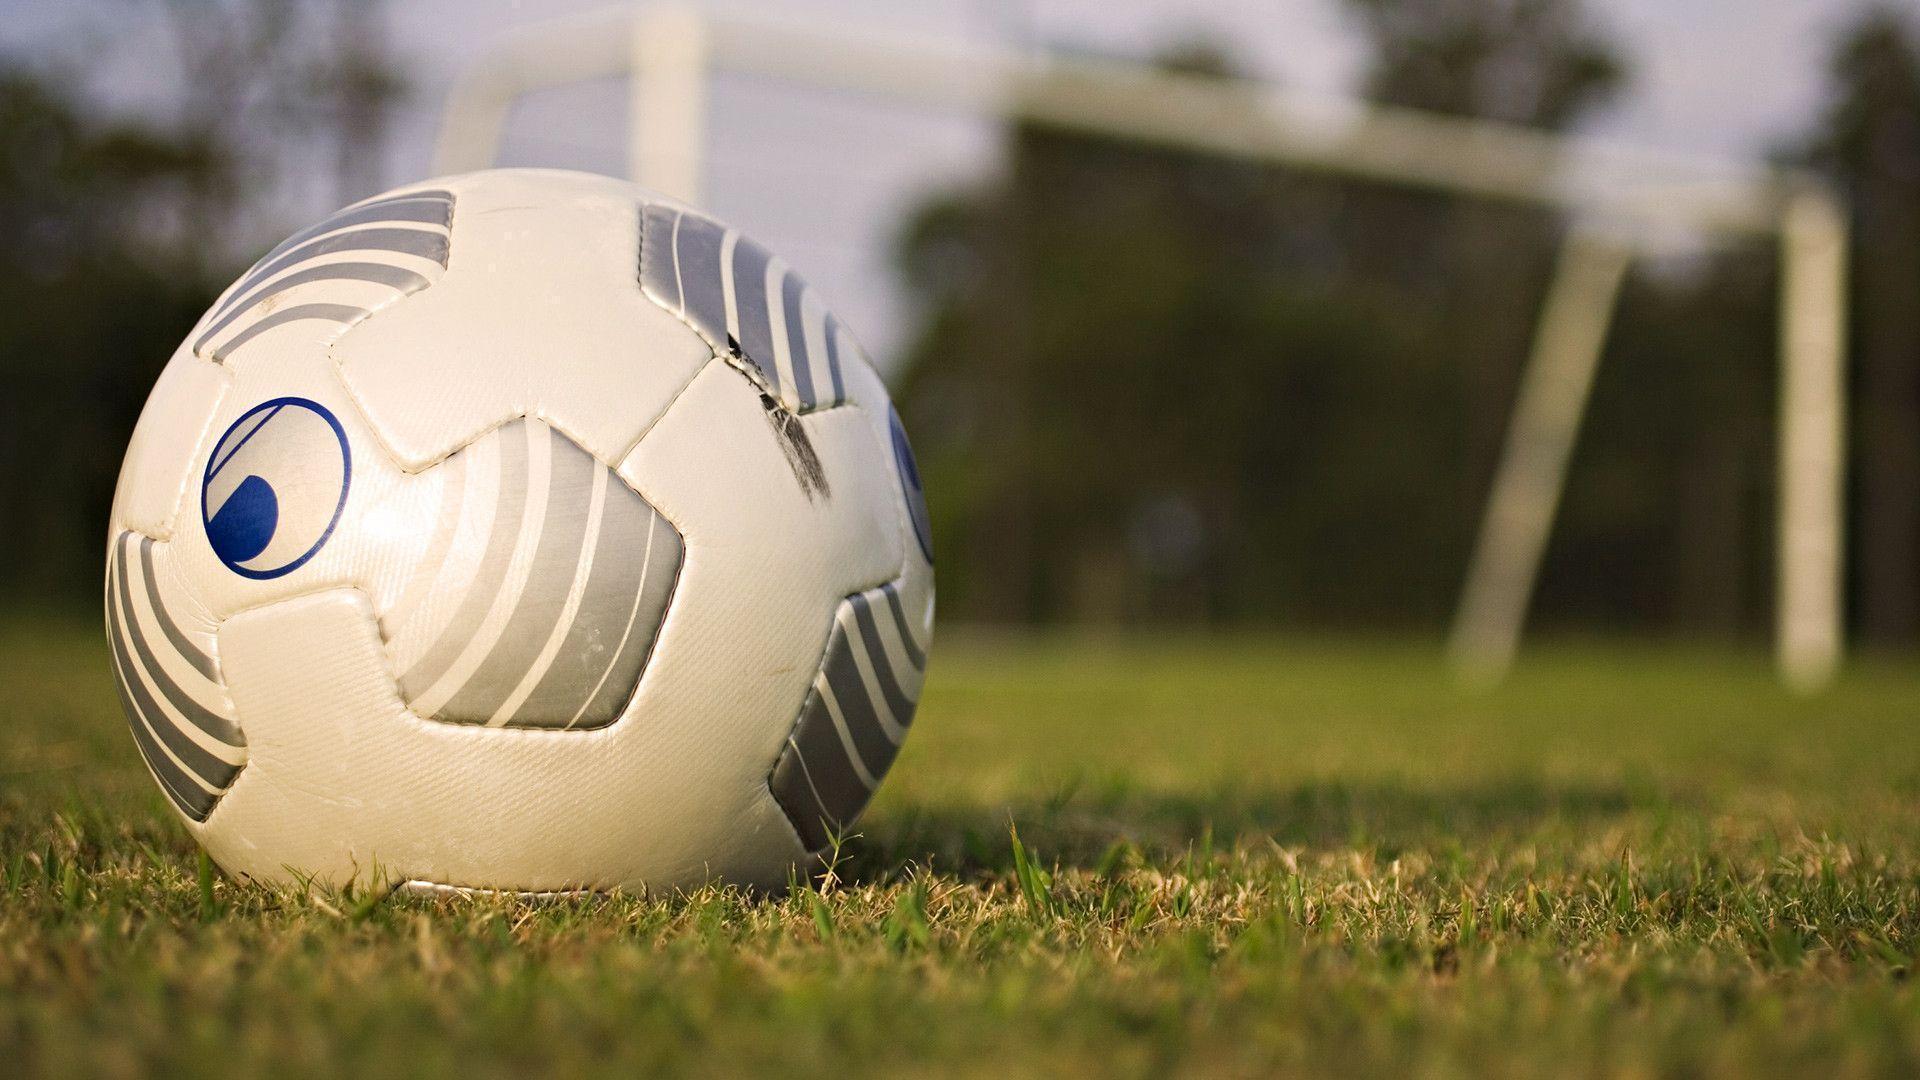 soccer ball wallpaper hd -#main